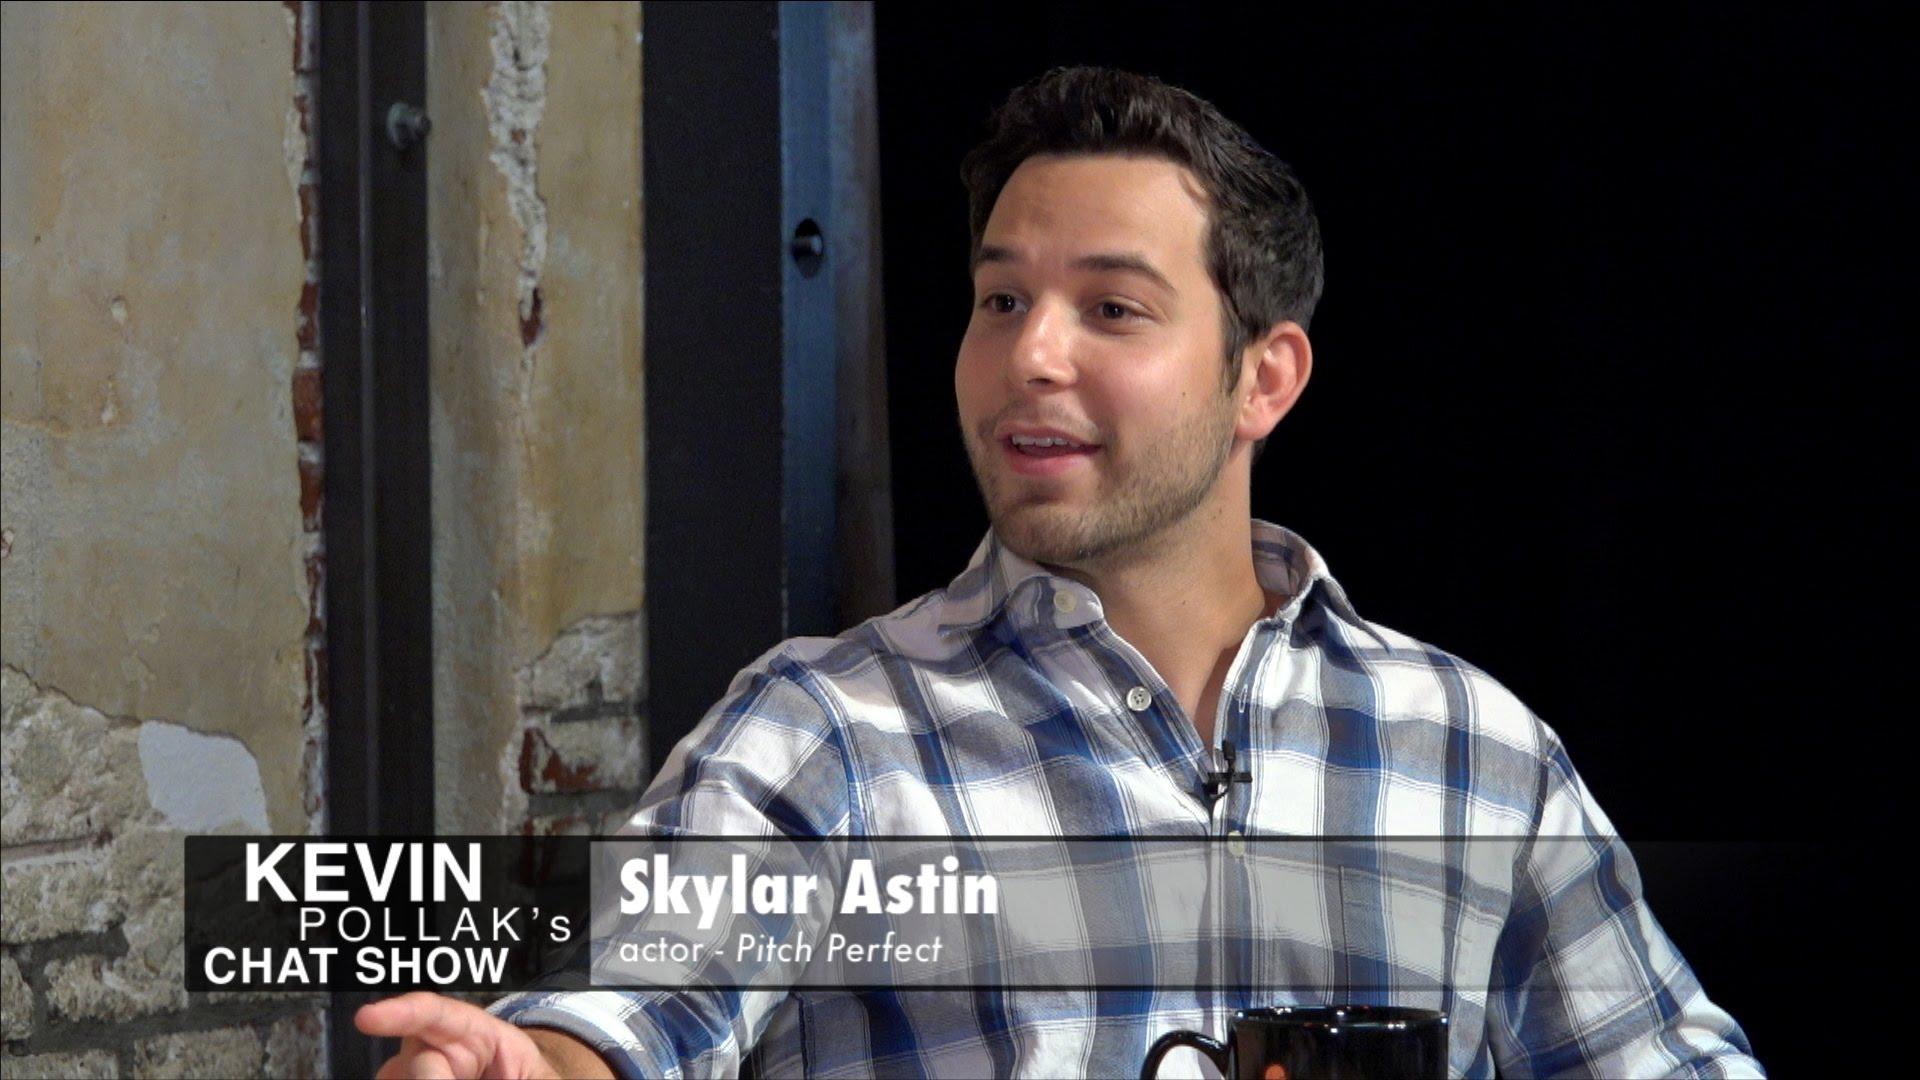 Skylar Astin High